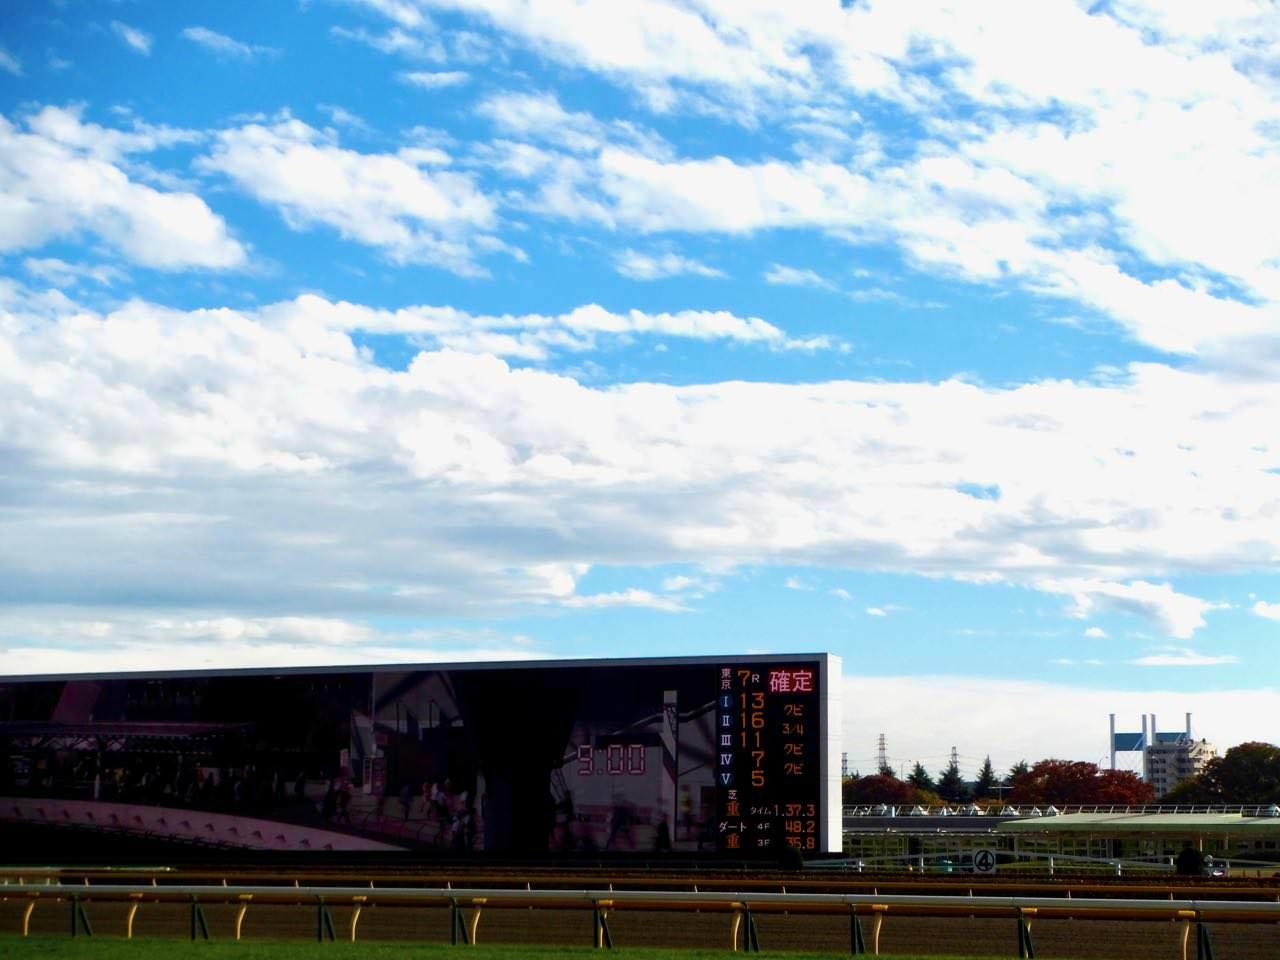 小倉記念2019競馬予想に。過去の結果から1〜3着馬の前走データをレース映像分析【傾向・追い切り・オッズ】